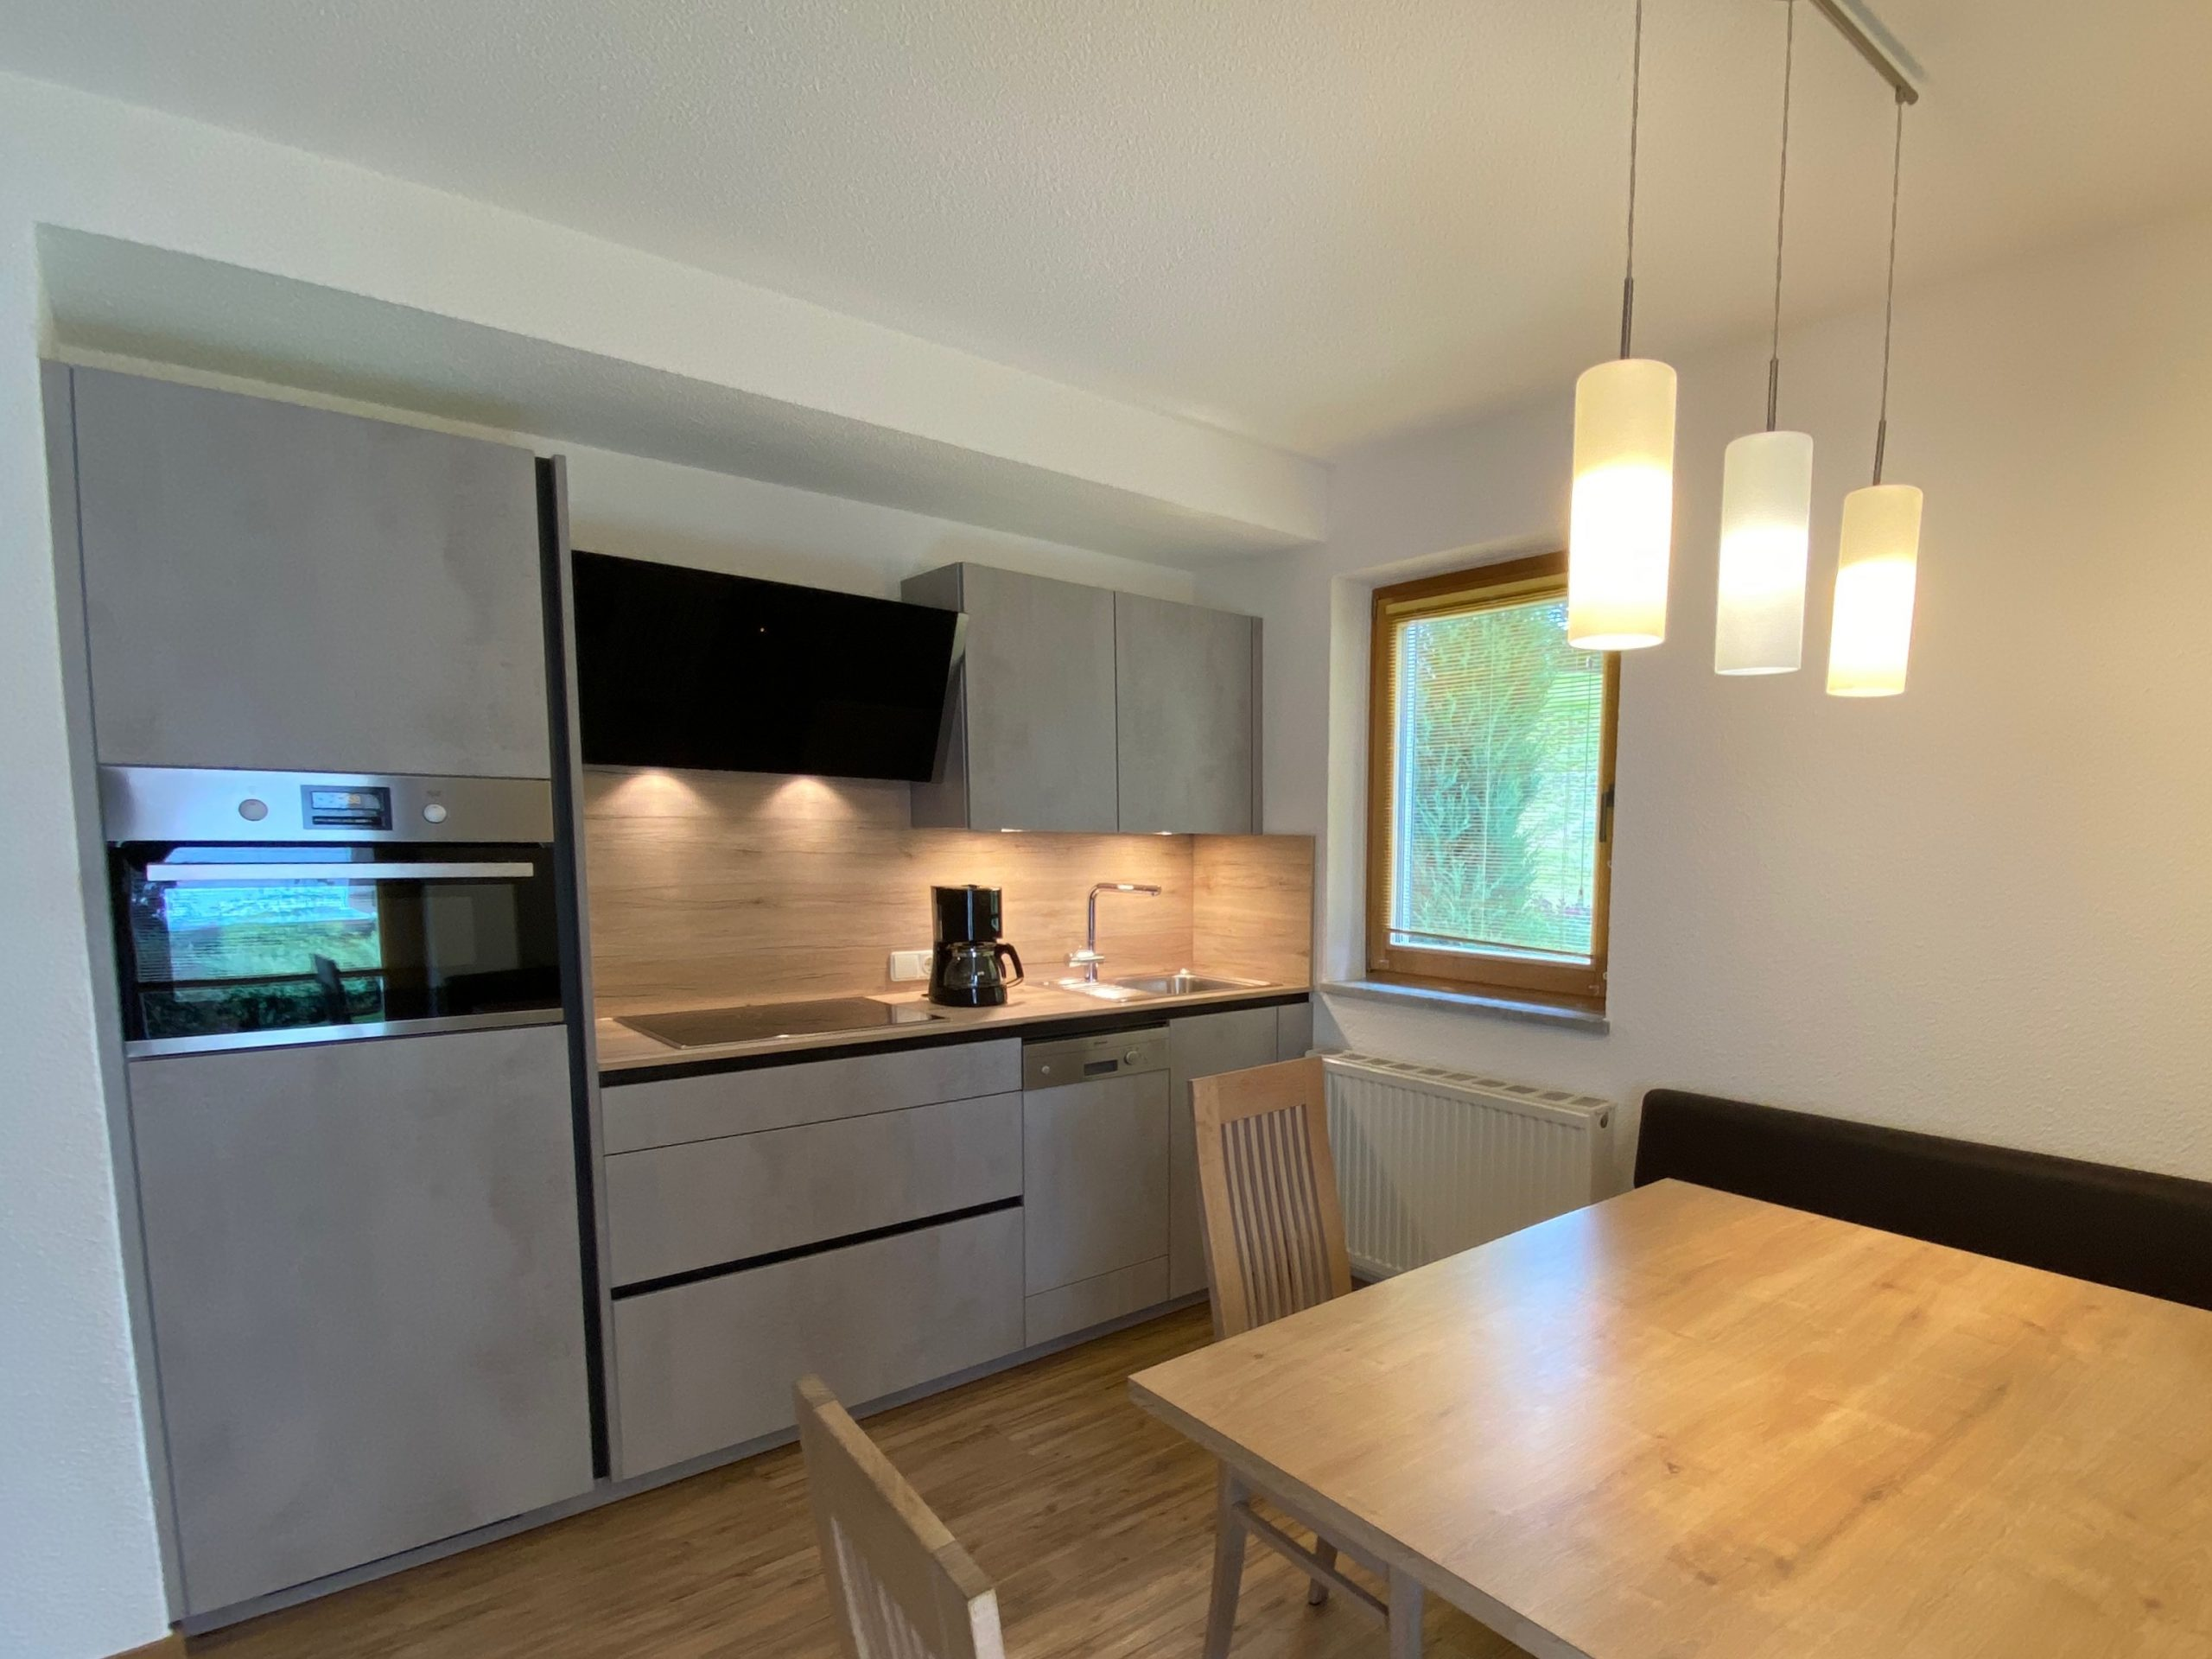 Ferienwohnung 3, Wohnzimmer und Küche